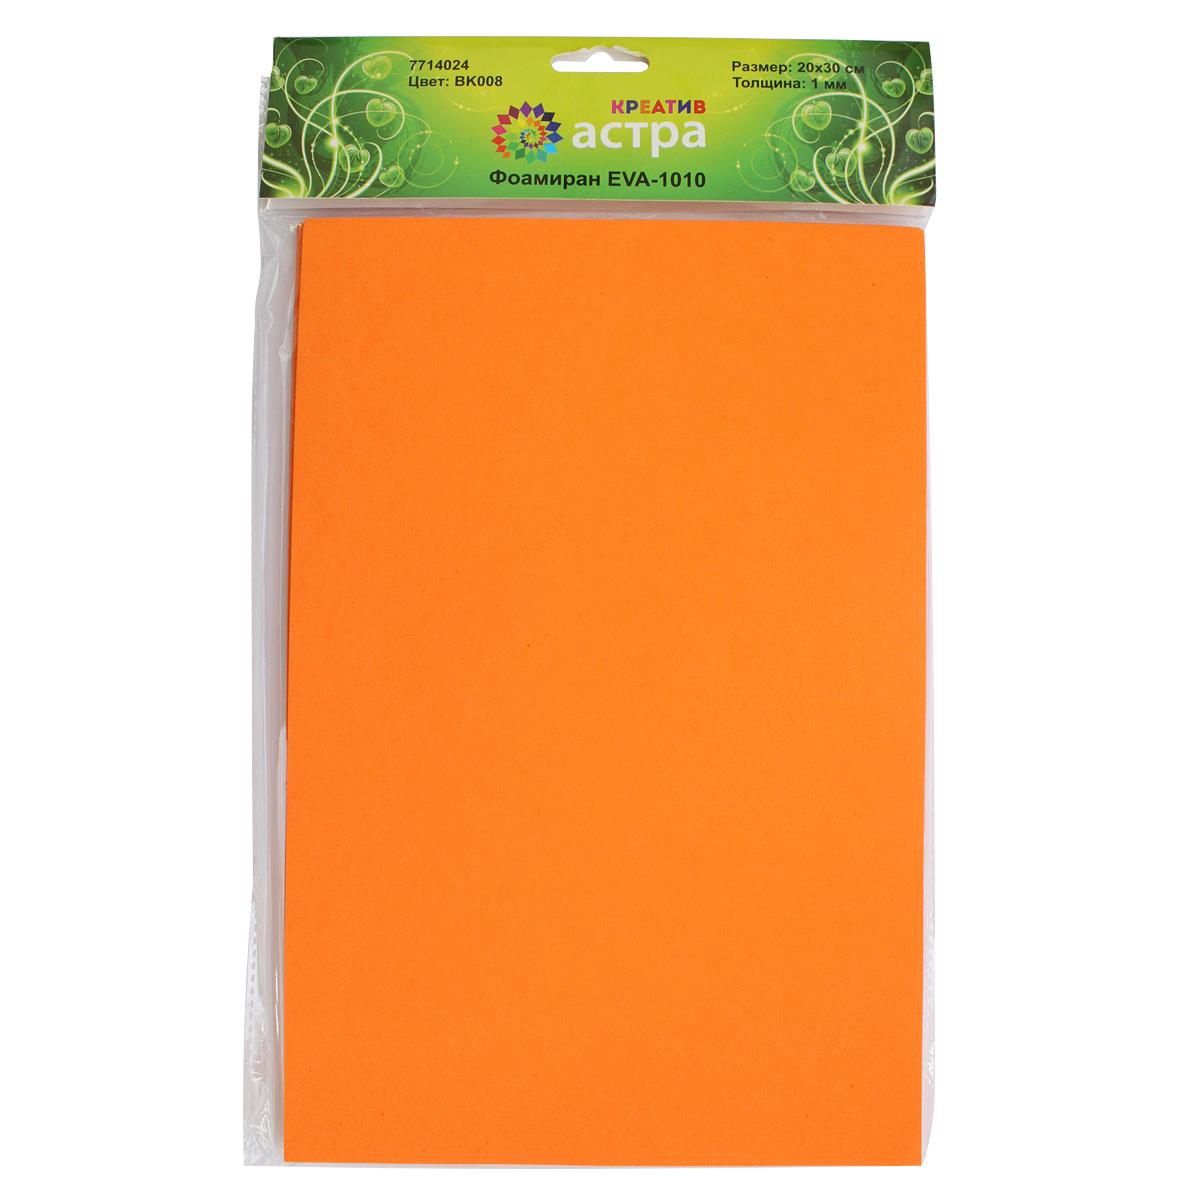 Фоамиран Астра, цвет: оранжевый, 20 х 30 см, 10 штC0038550Фоамиран Астра - это пластичная замша, ее можно применить для создания разнообразного вида декора: открытки, магнитики, цветы, забавные игрушки и т.д. Главная особенность материала фоамиран заключается в его способности к незначительному растяжению, которого вполне достаточно для запоминания изделием своей формы.На ощупь мягкая синтетическая замша очень приятна и податлива, поэтому работать с ней не составит труда даже начинающему.Размер ткани: 200 x 300 мм. В упаковке 10 штук.